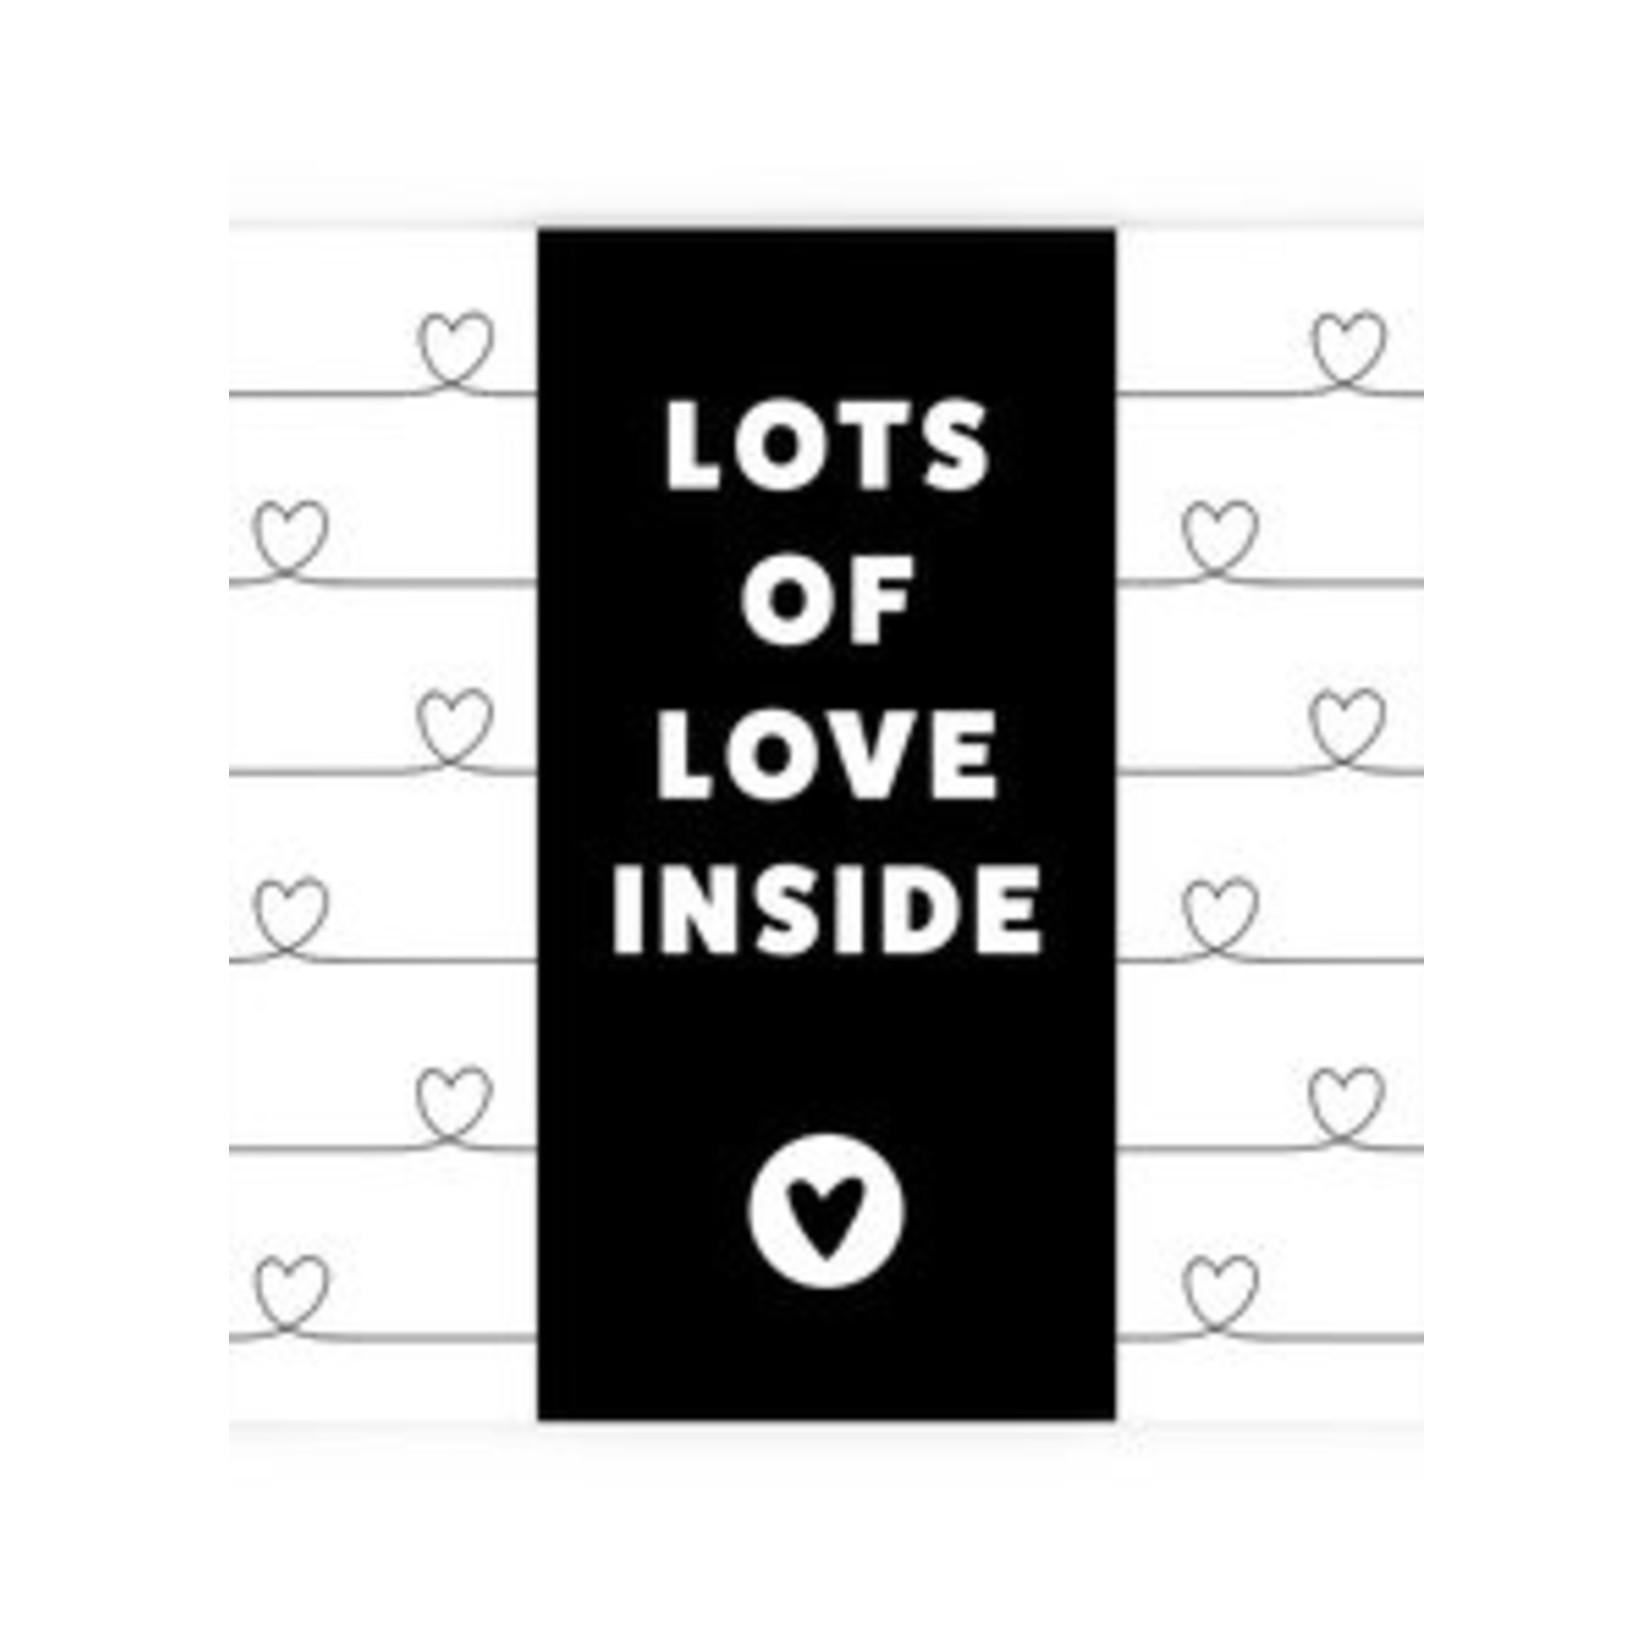 Liv 'n taste Chocoladewens | Lot's of love |  Liv 'n Taste